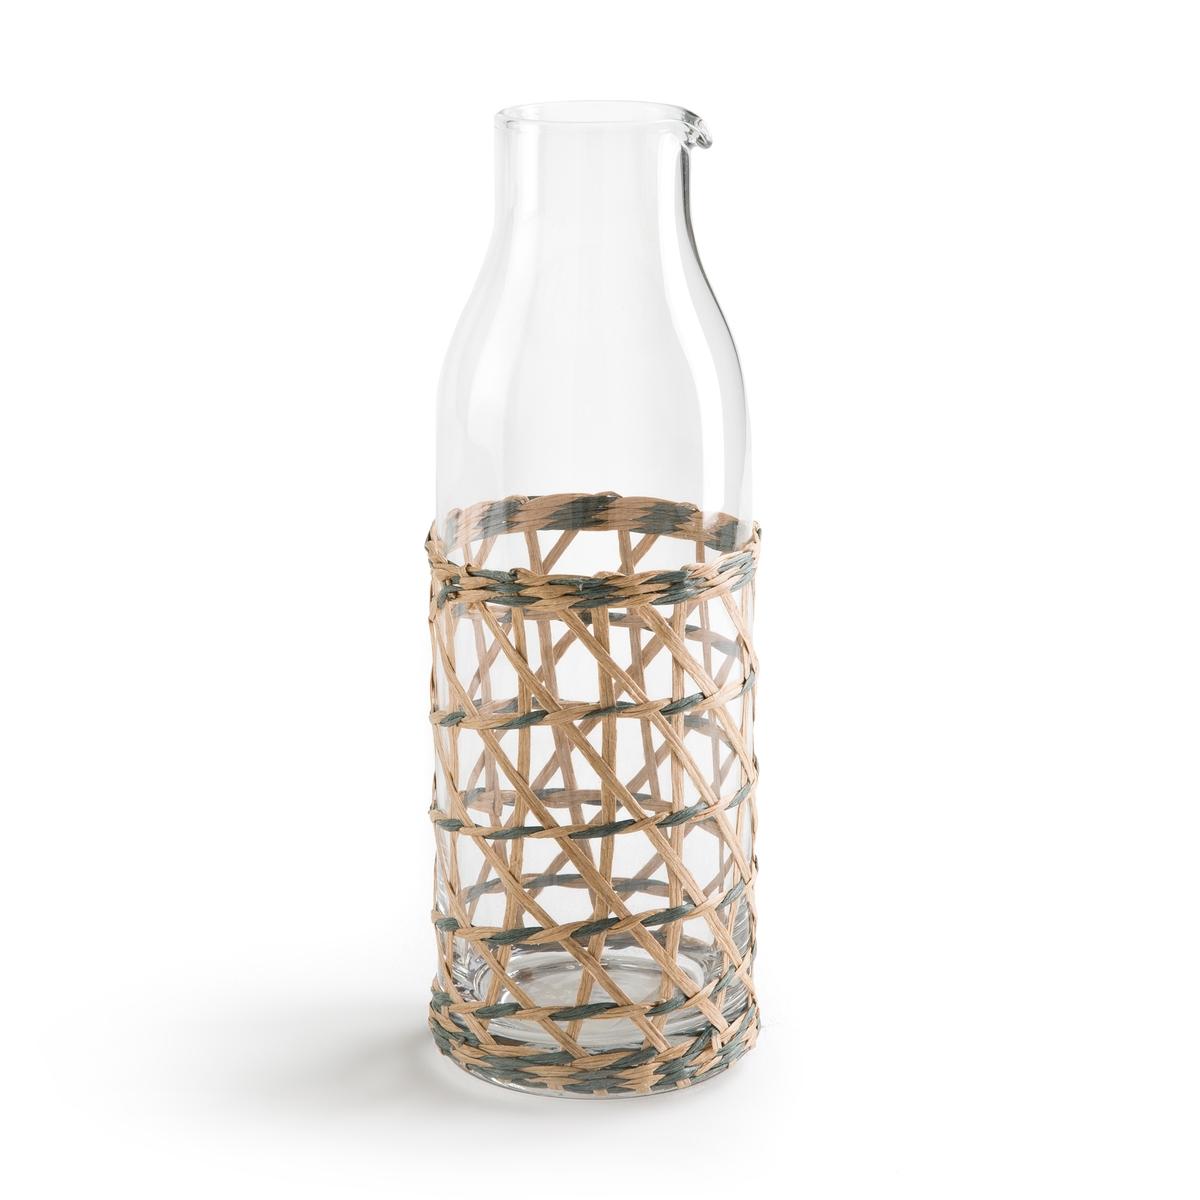 Графин La Redoute Для воды из стекла с плетеным обрамлением QUALIMNA единый размер другие бокала la redoute для шампанского lurik единый размер другие